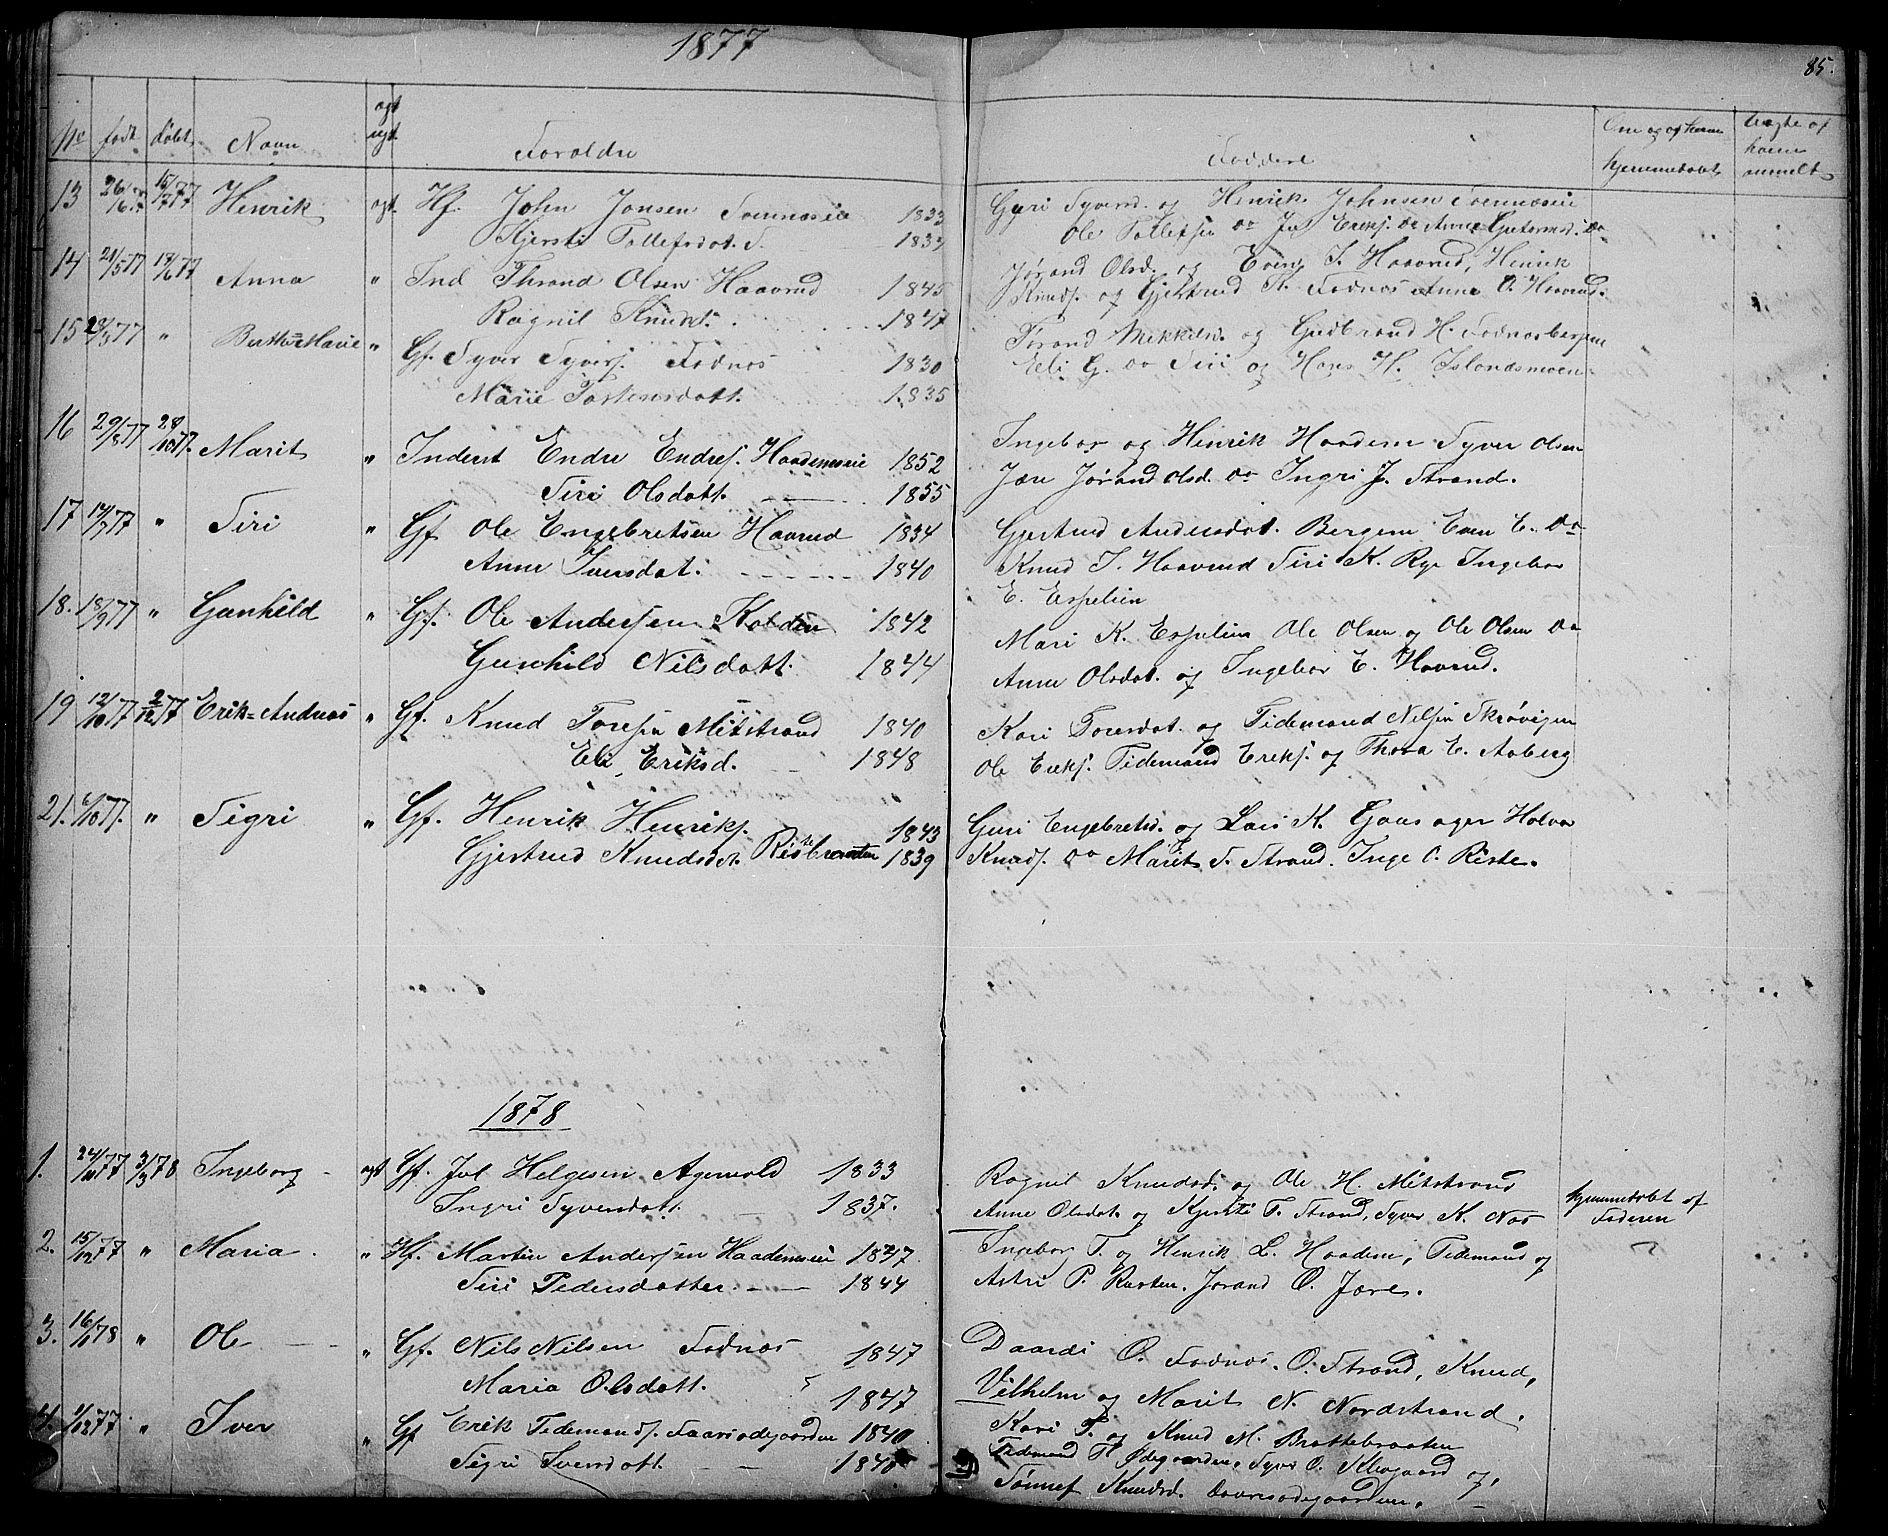 SAH, Nord-Aurdal prestekontor, Klokkerbok nr. 3, 1842-1882, s. 85